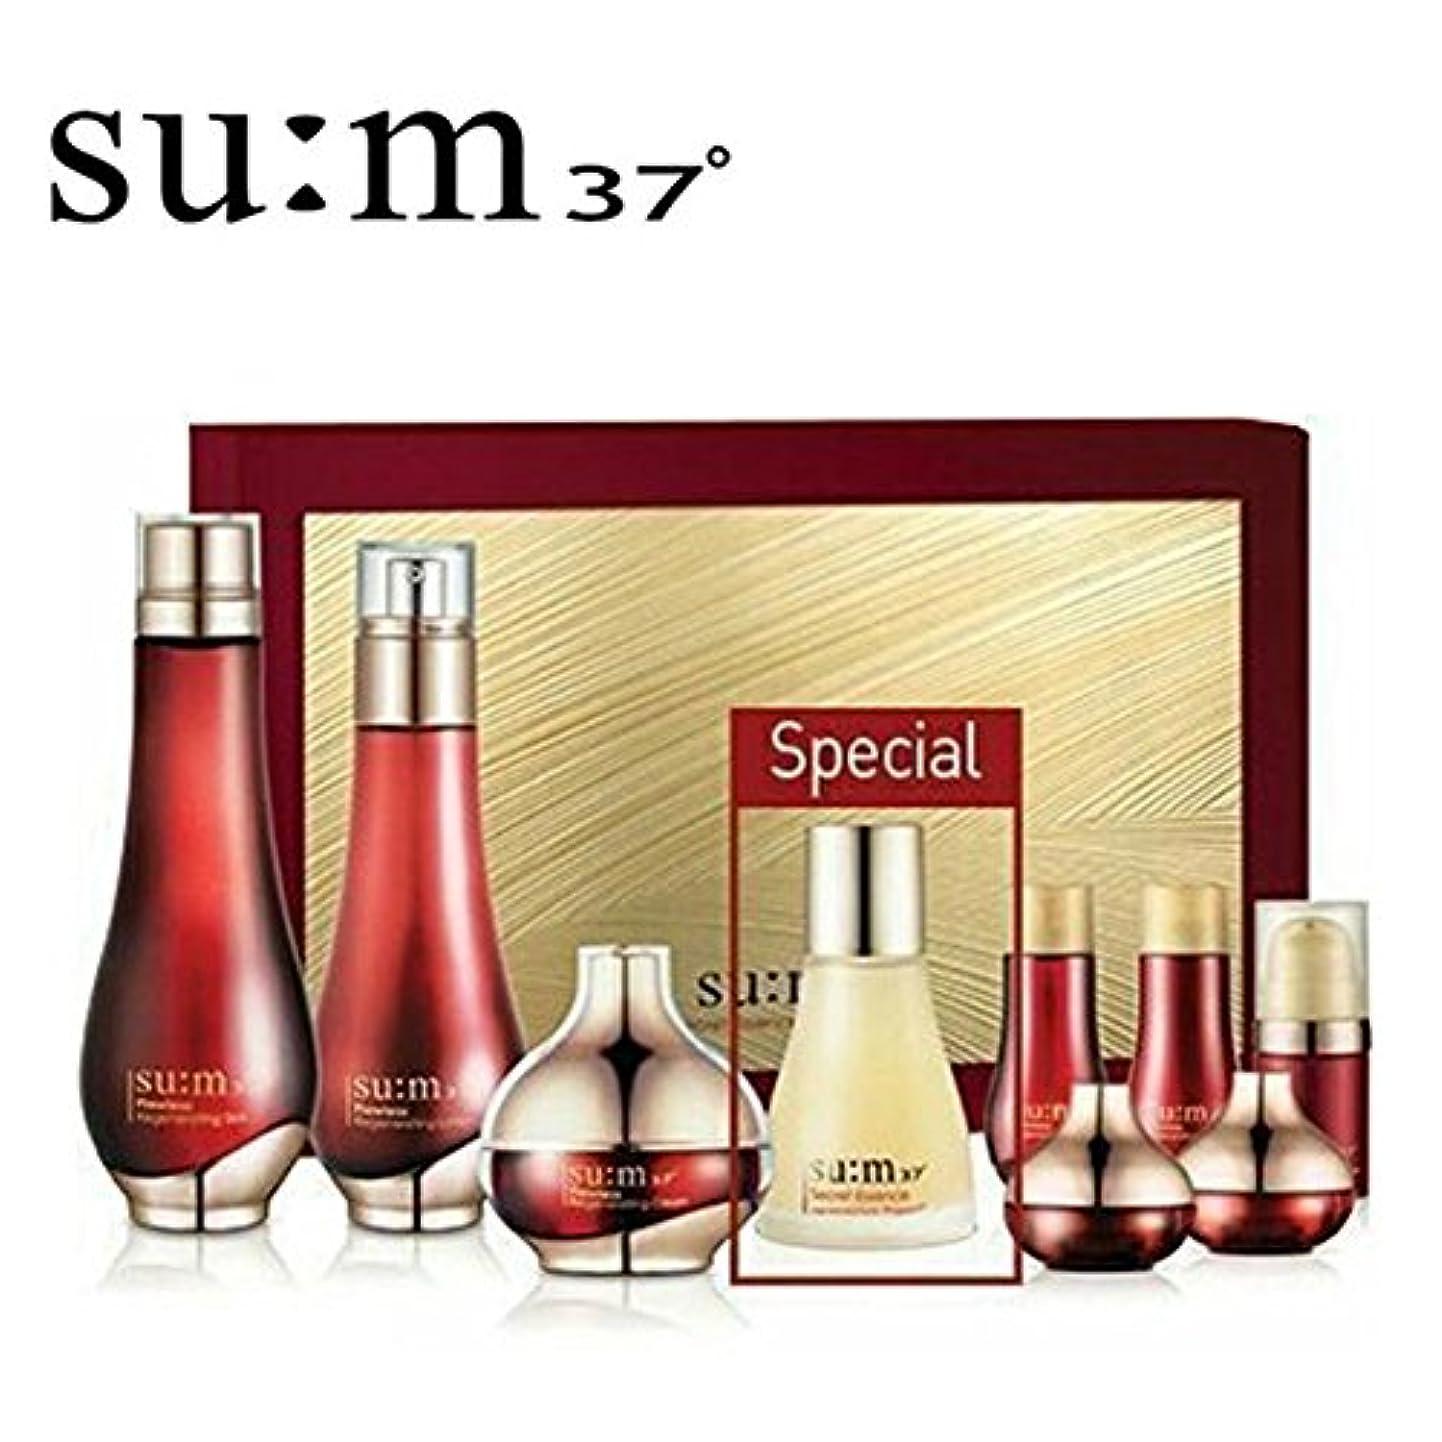 以降開いた本当のことを言うと[su:m37/スム37°] SUM37 Flowless Special Set/ sum37 スム37? フローレス 3種 企画セット +[Sample Gift](海外直送品)